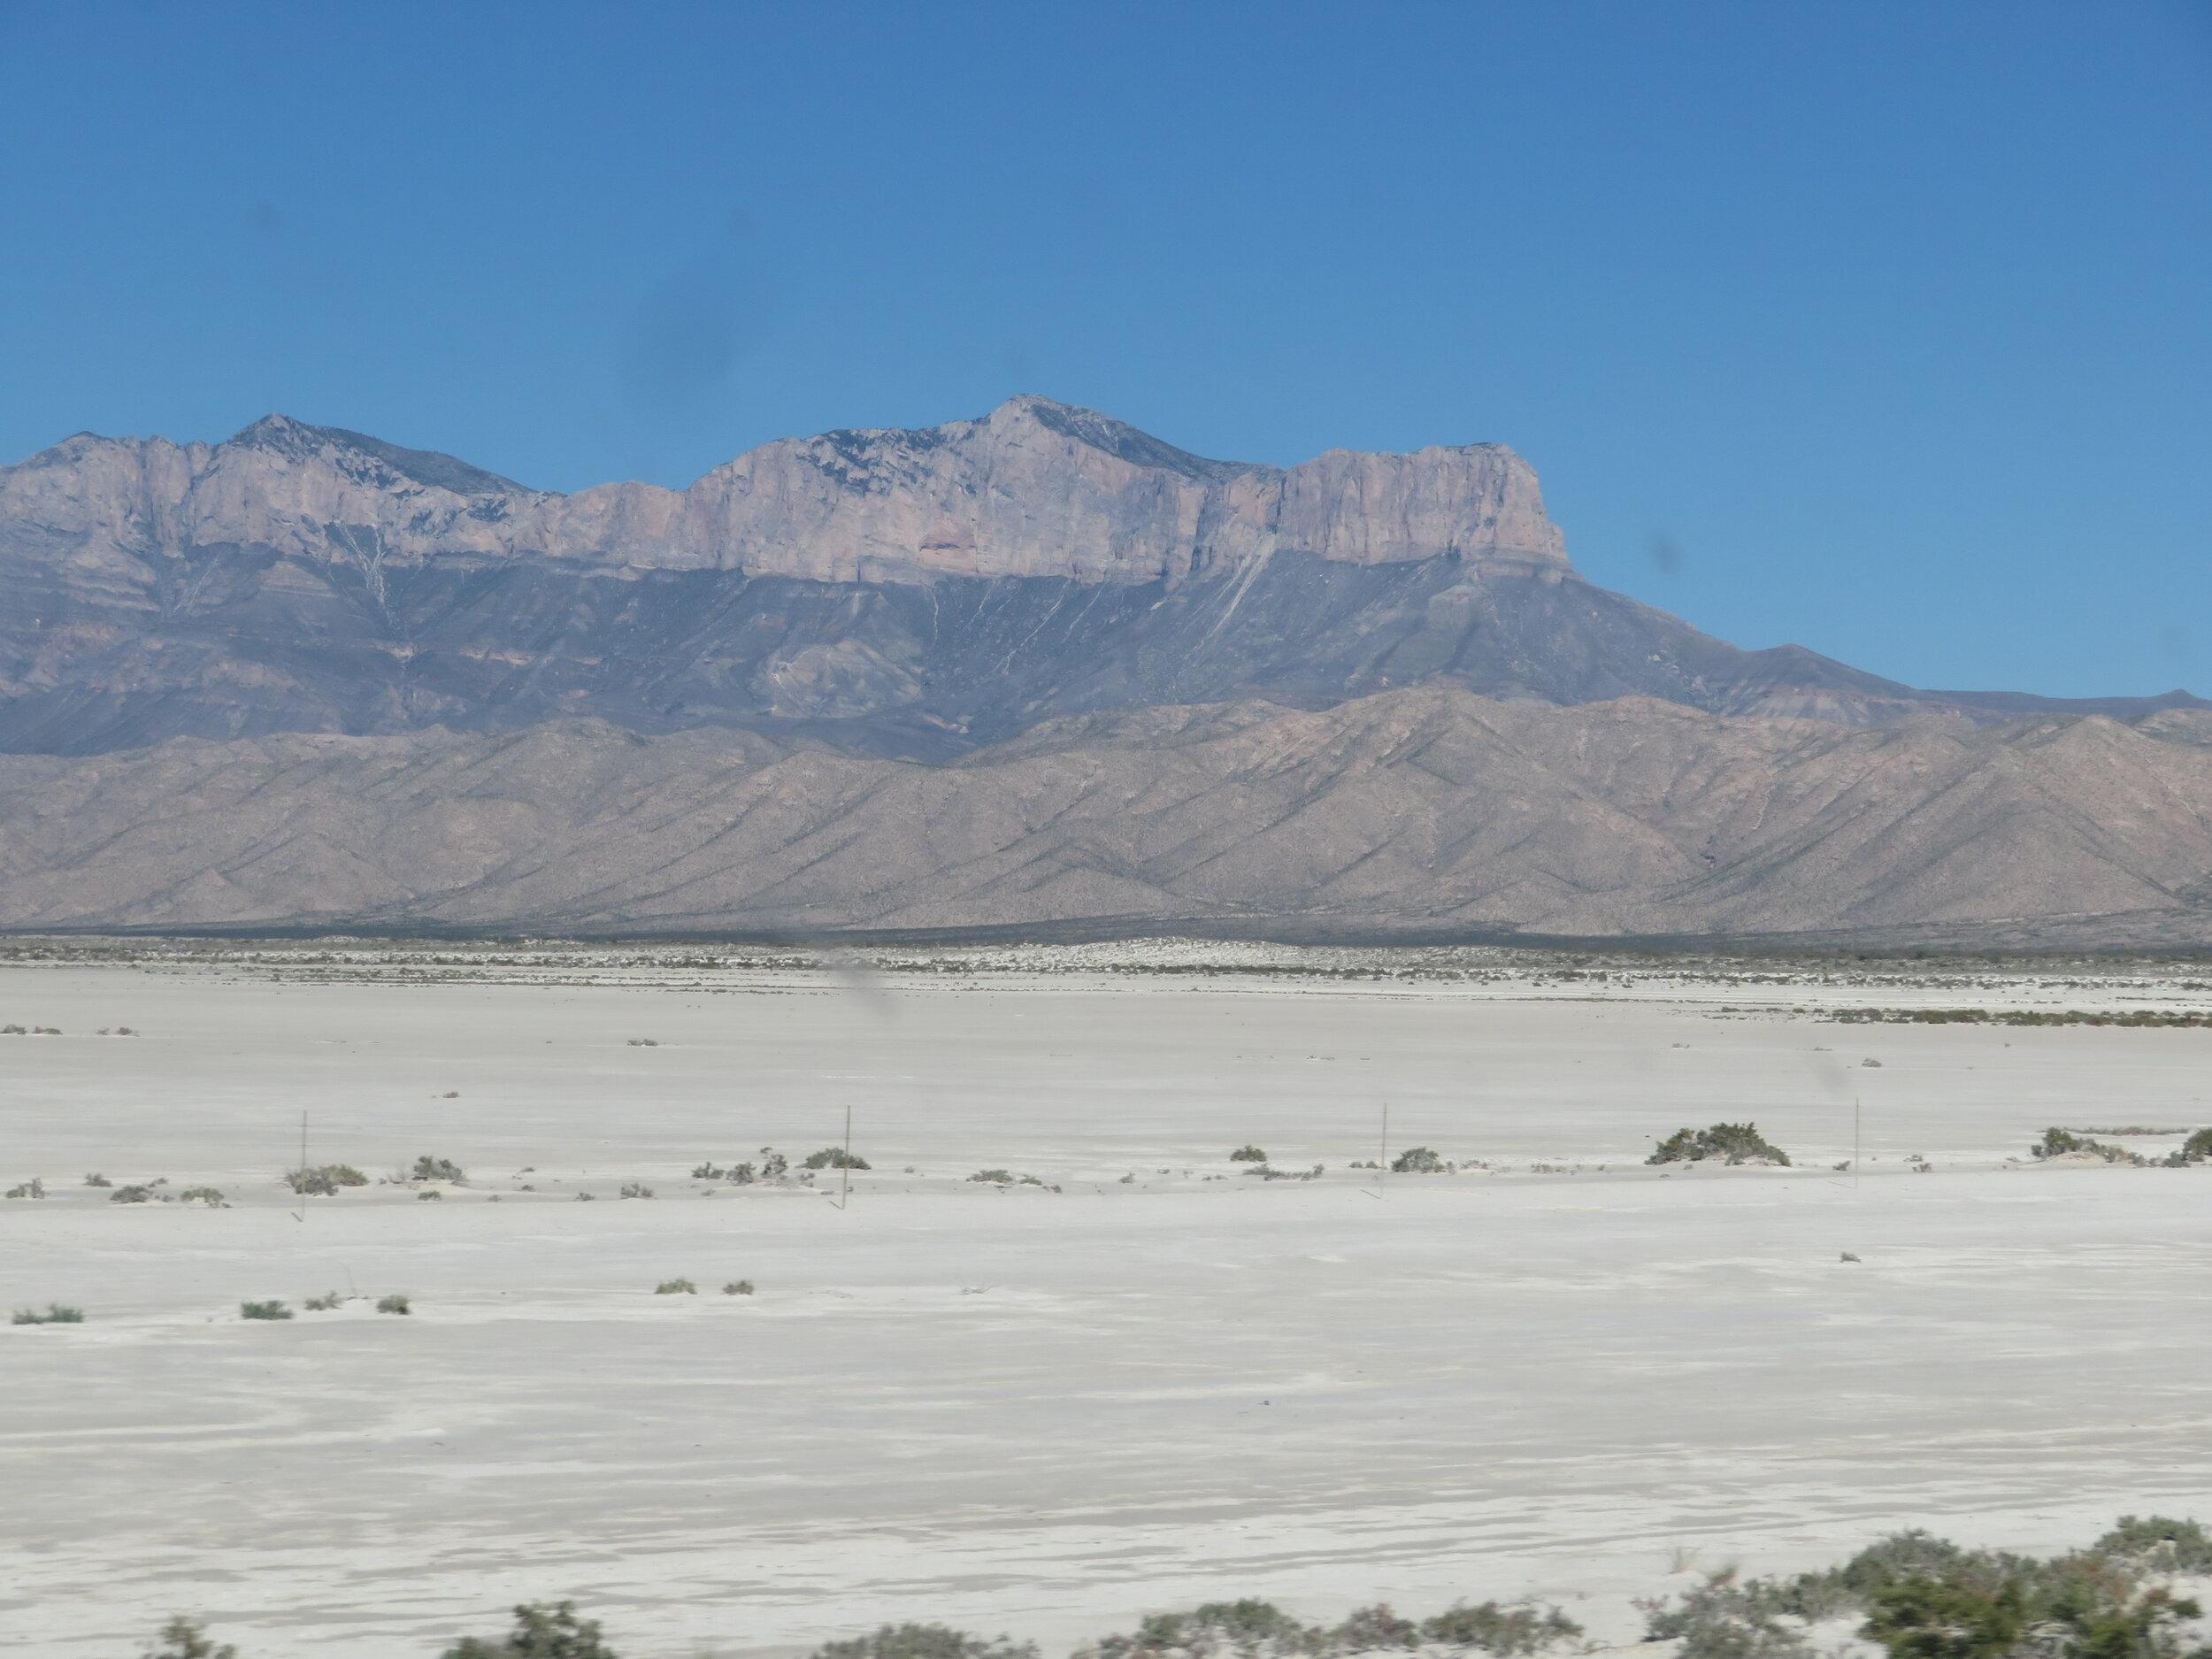 El Capitan - 10 miles away